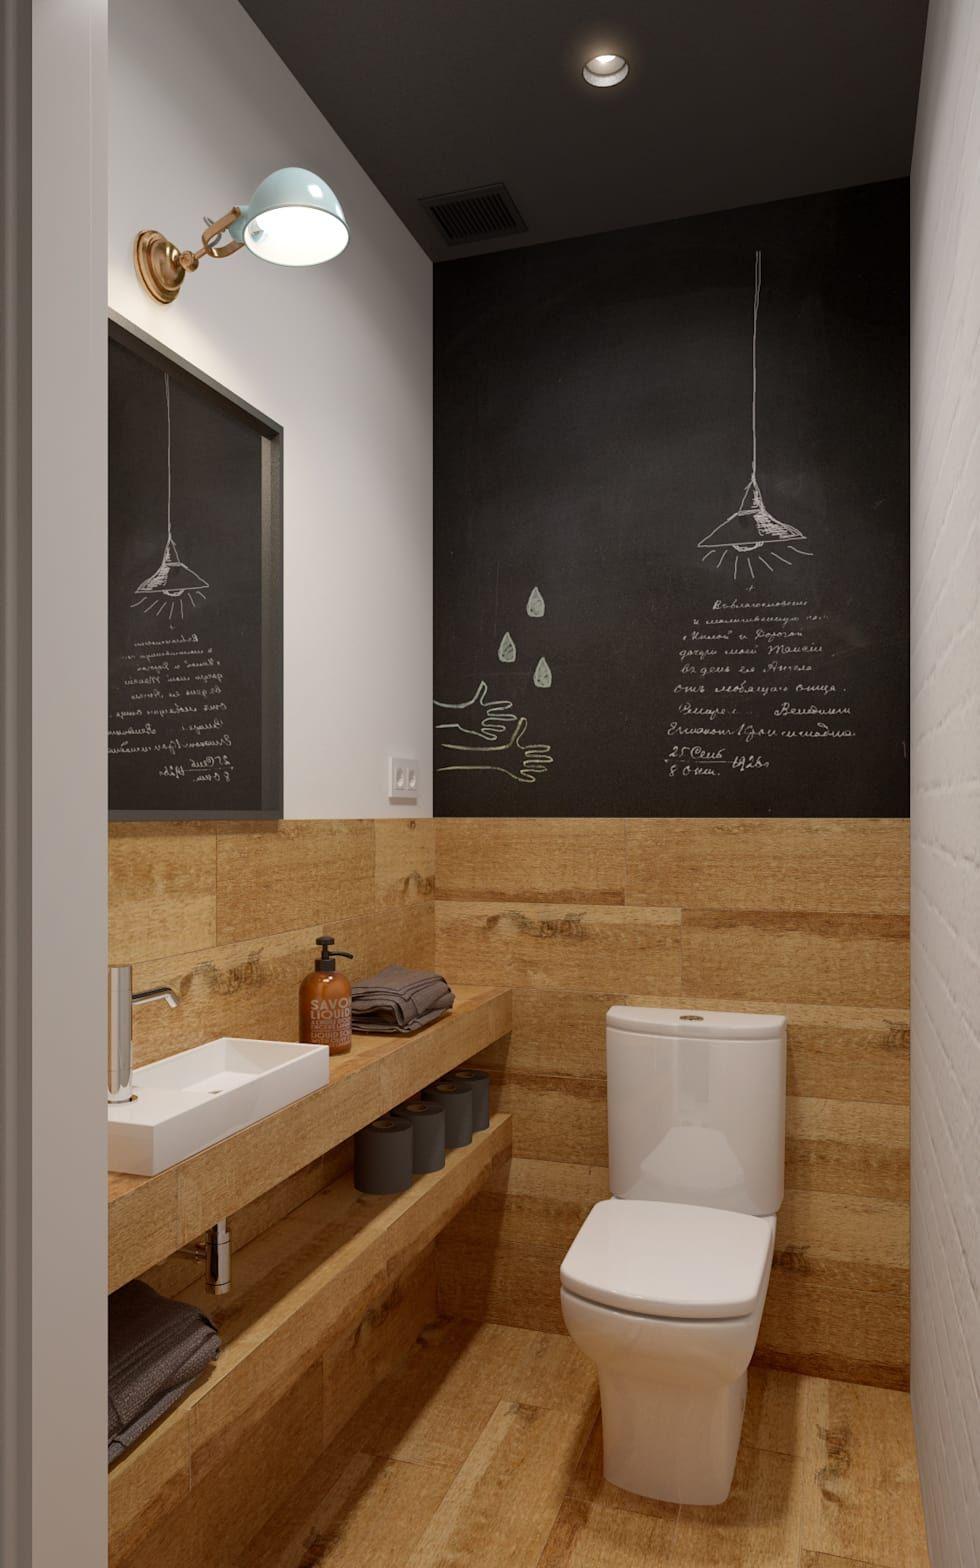 7 Fantastische Ideen Fur Kleine Bader Ohne Fenster Badezimmer Ohne Fenster Wc Design Minimalistisches Badezimmer